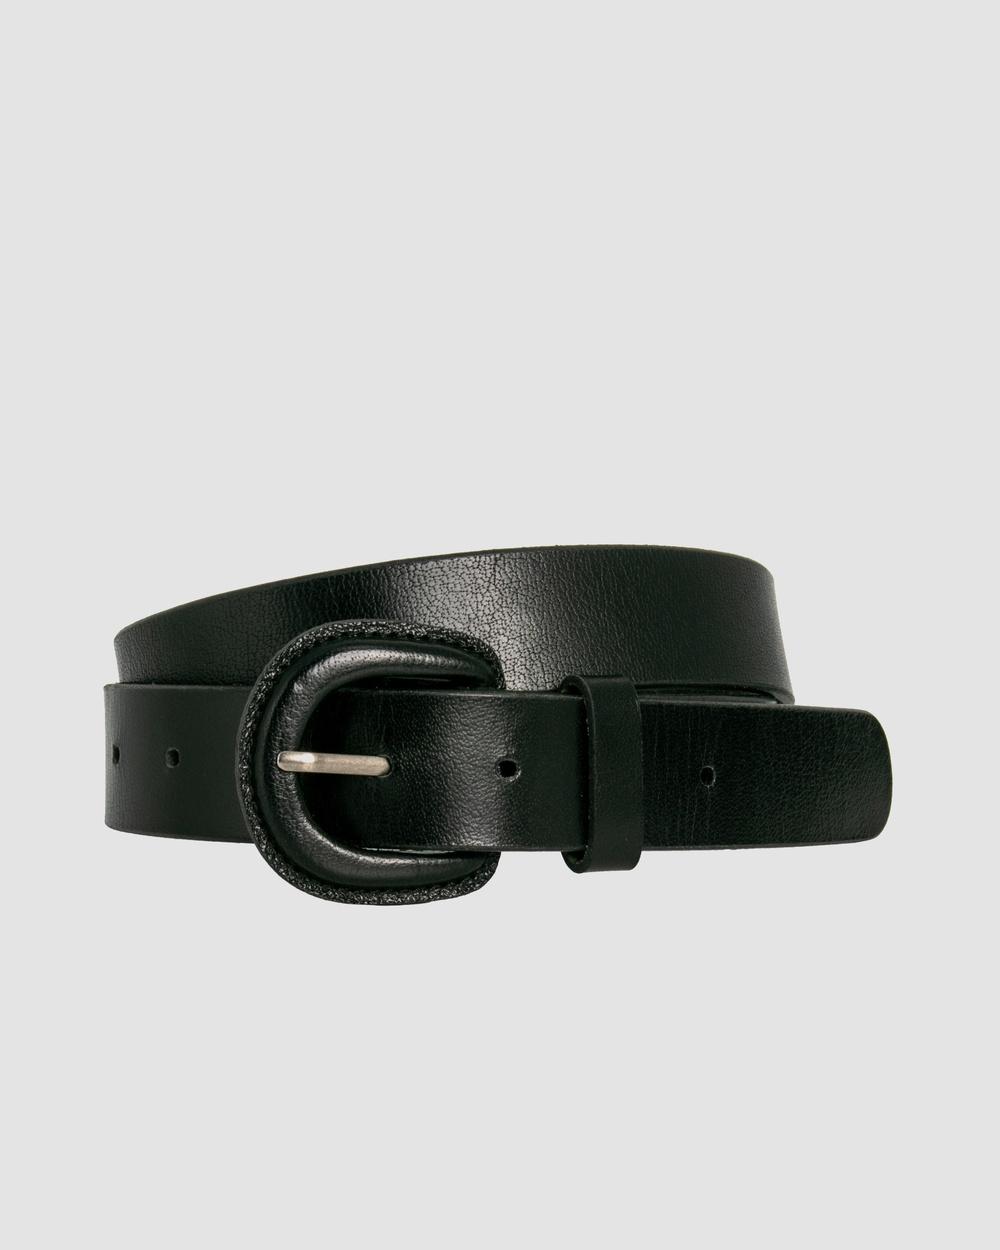 Loop Leather Co Kelly Belts Black